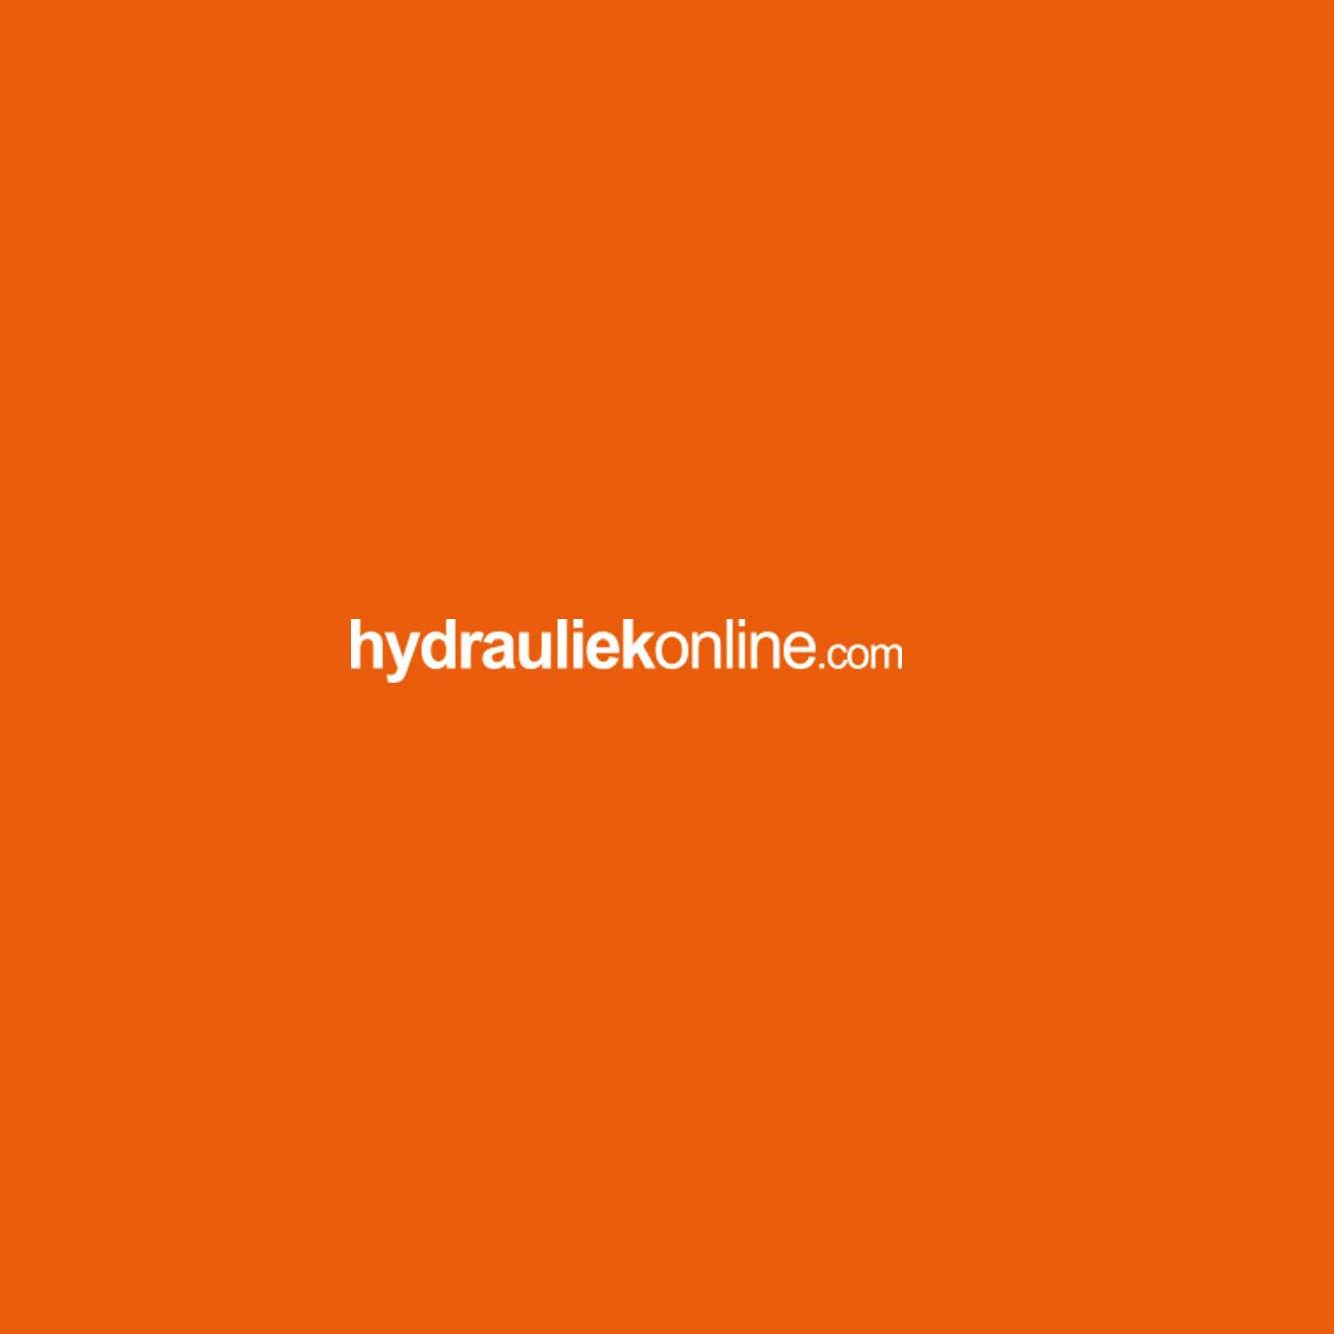 hydrauliek-online-9808.JPG